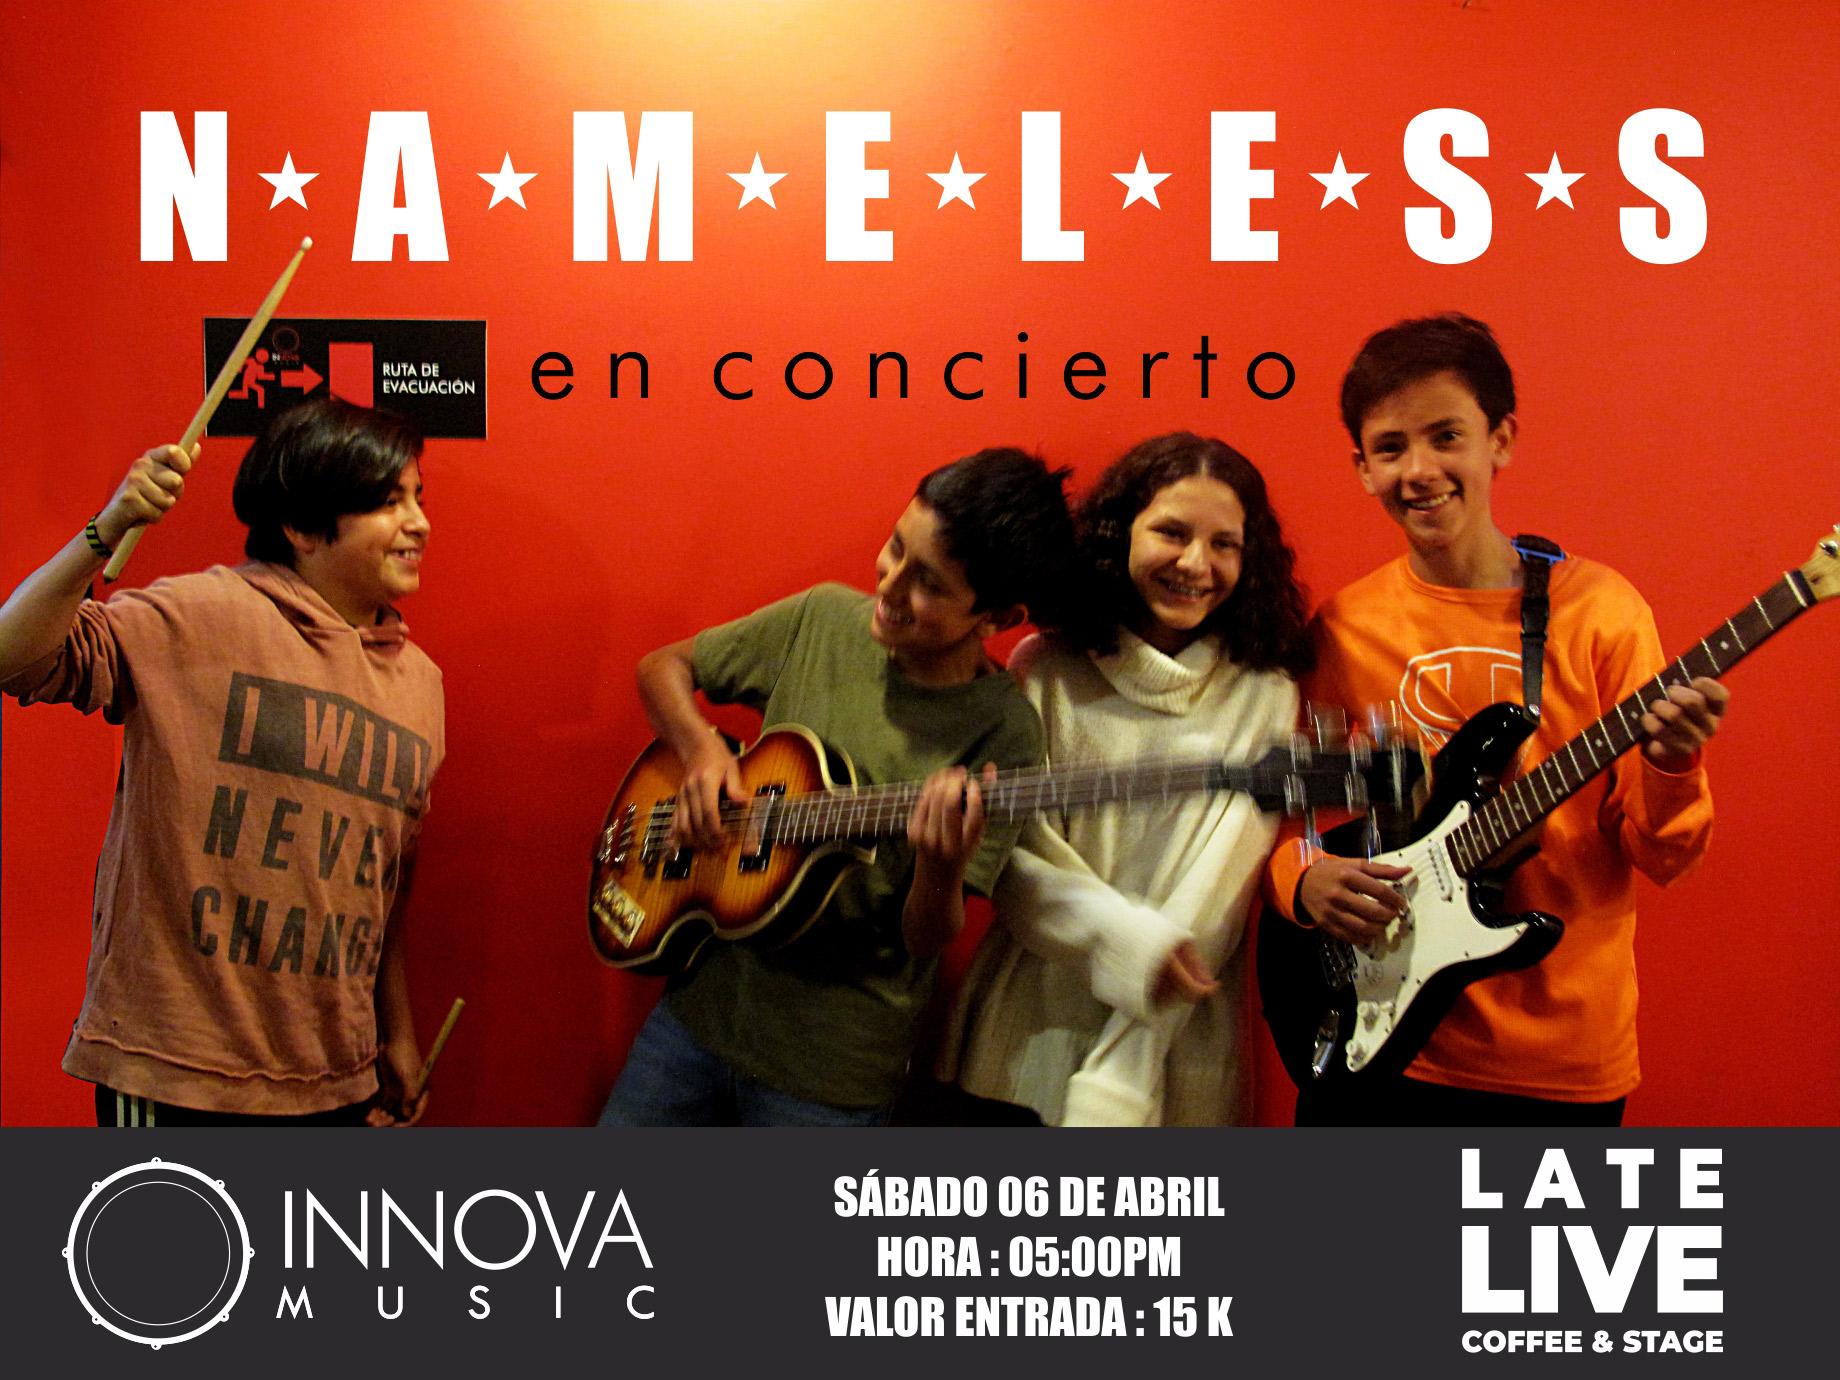 Concierto de Nameless 6 de abril, no faltes!